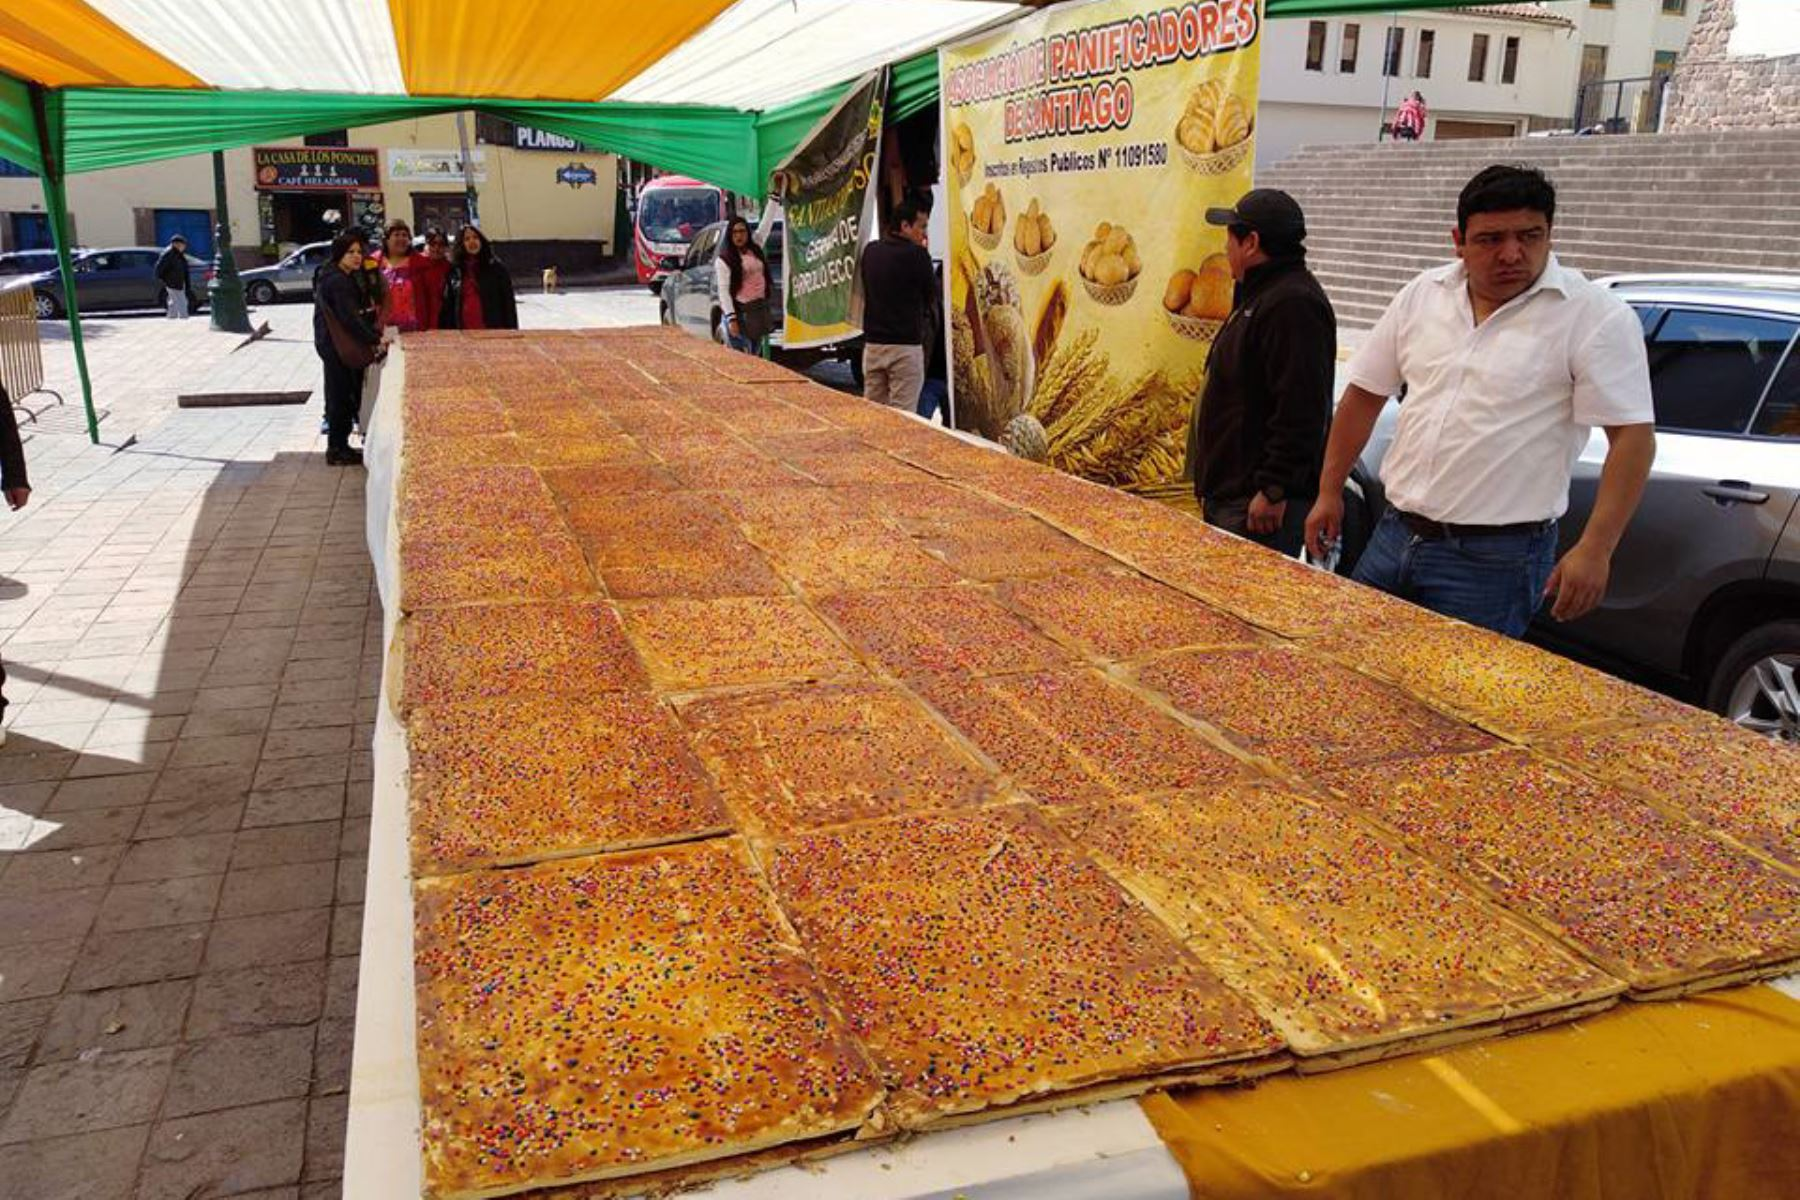 Panaderos de Cusco elaboran la empanada más dulce del mundo. ANDINA/Percy Hurtado